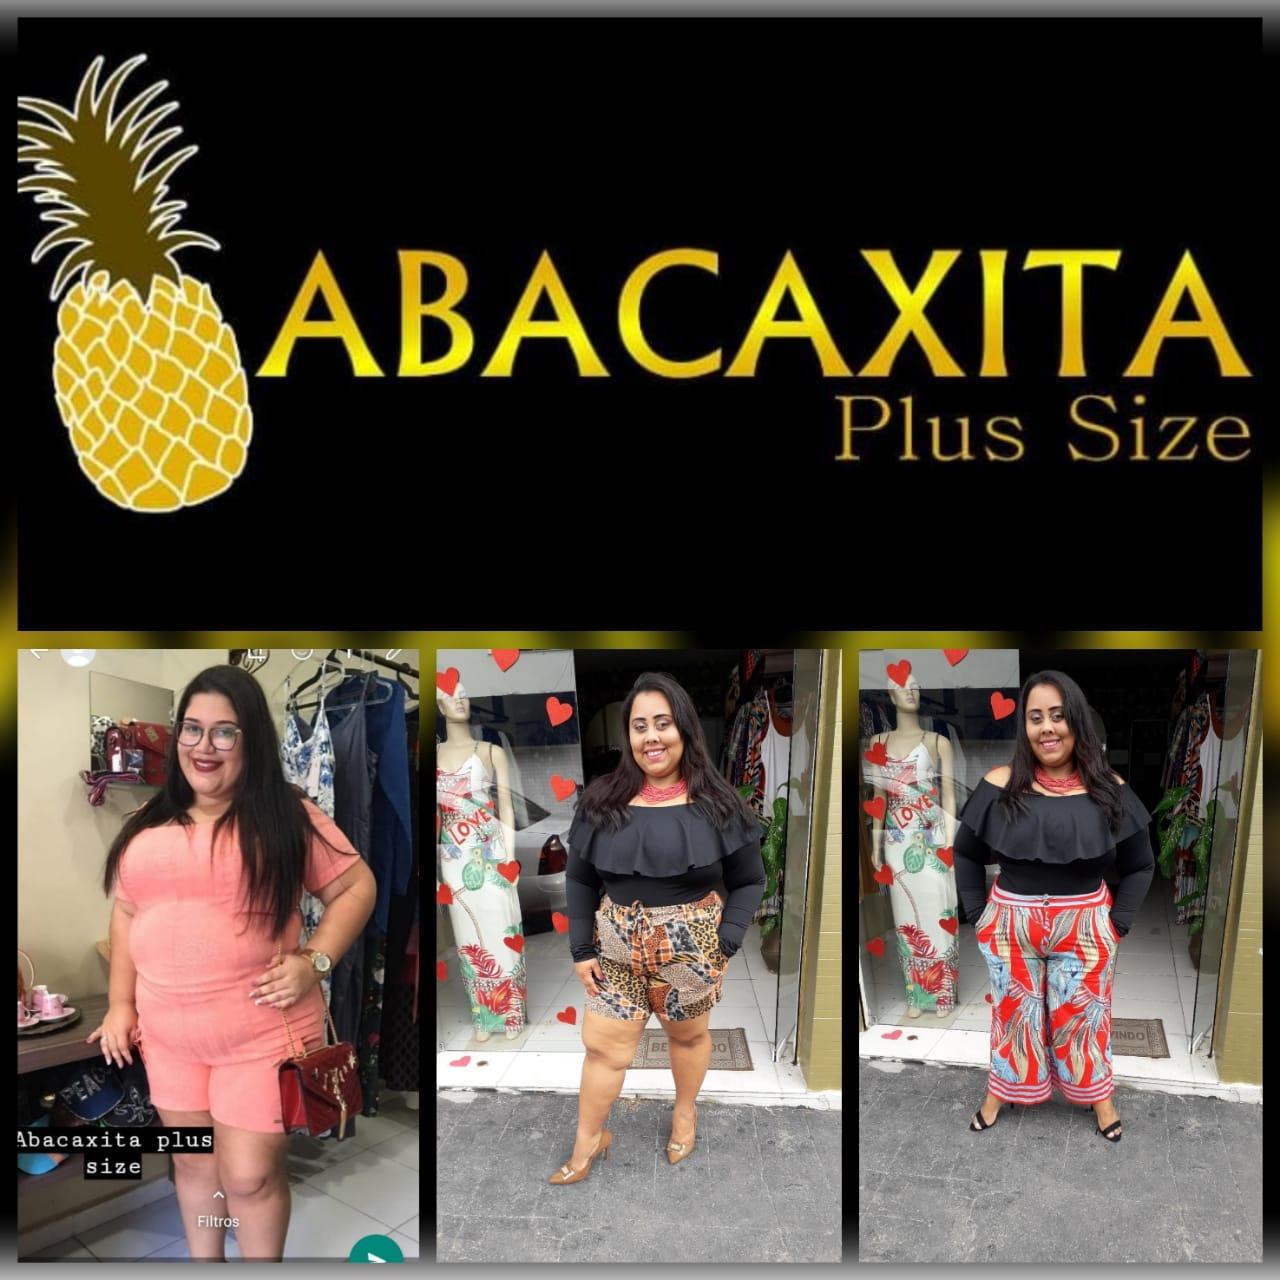 Abacaxita Plus Size - Ser linda significa ser você mesma!